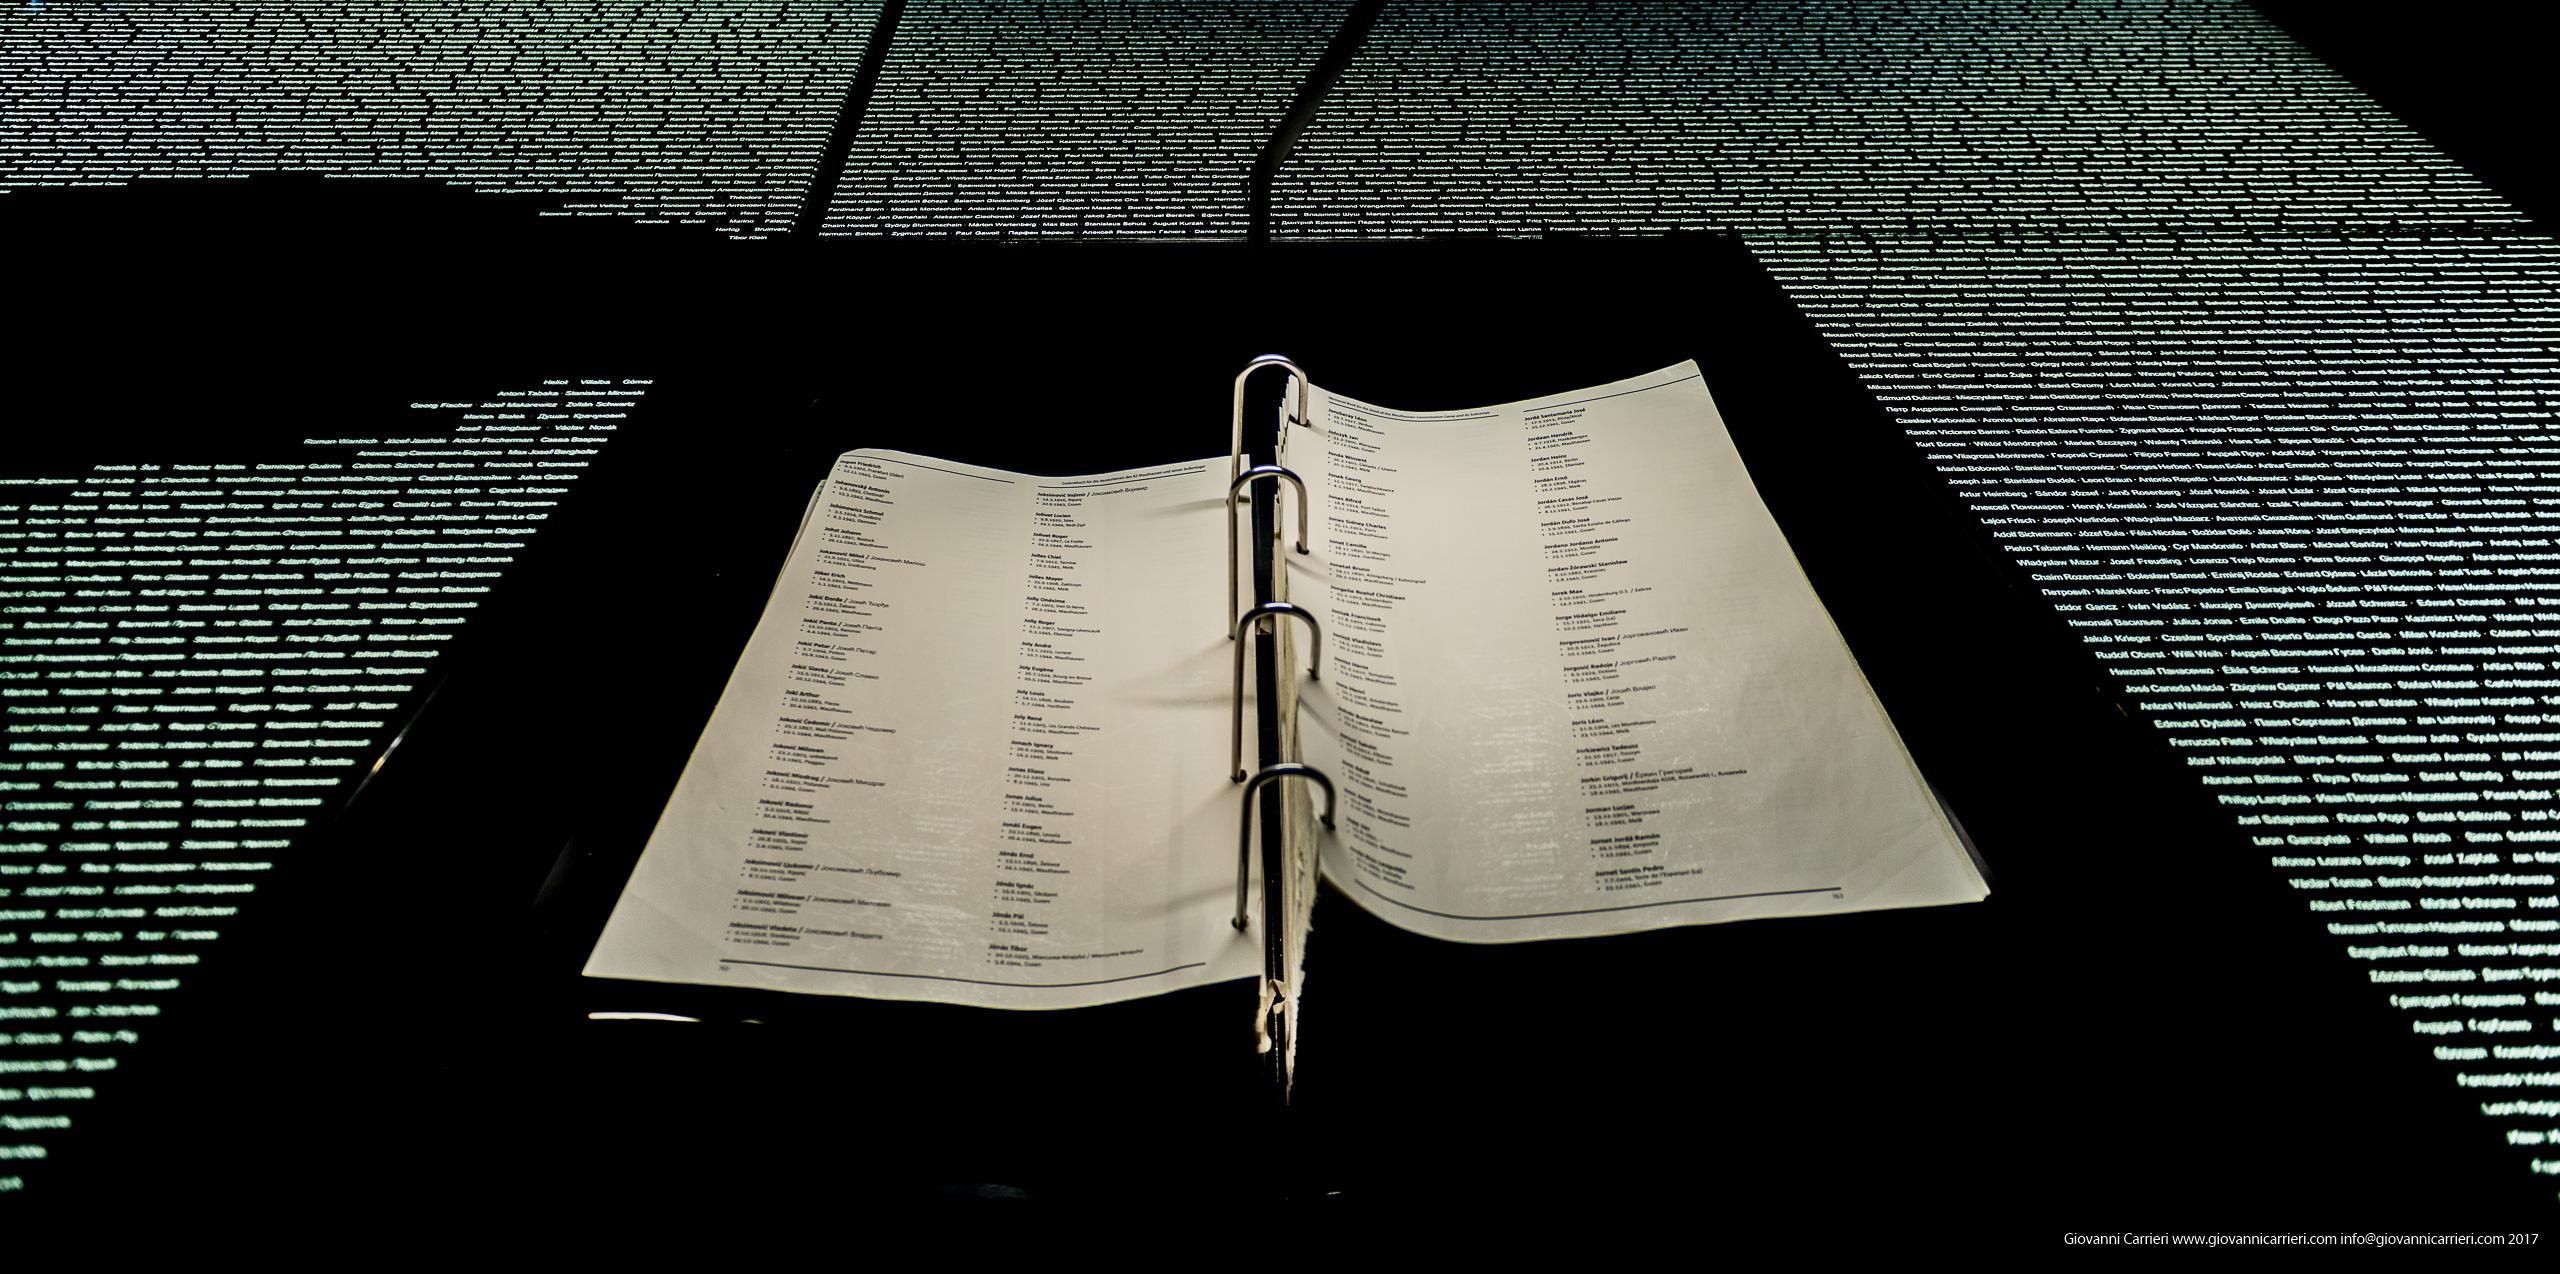 Il libro delle vittime di Mauthausen